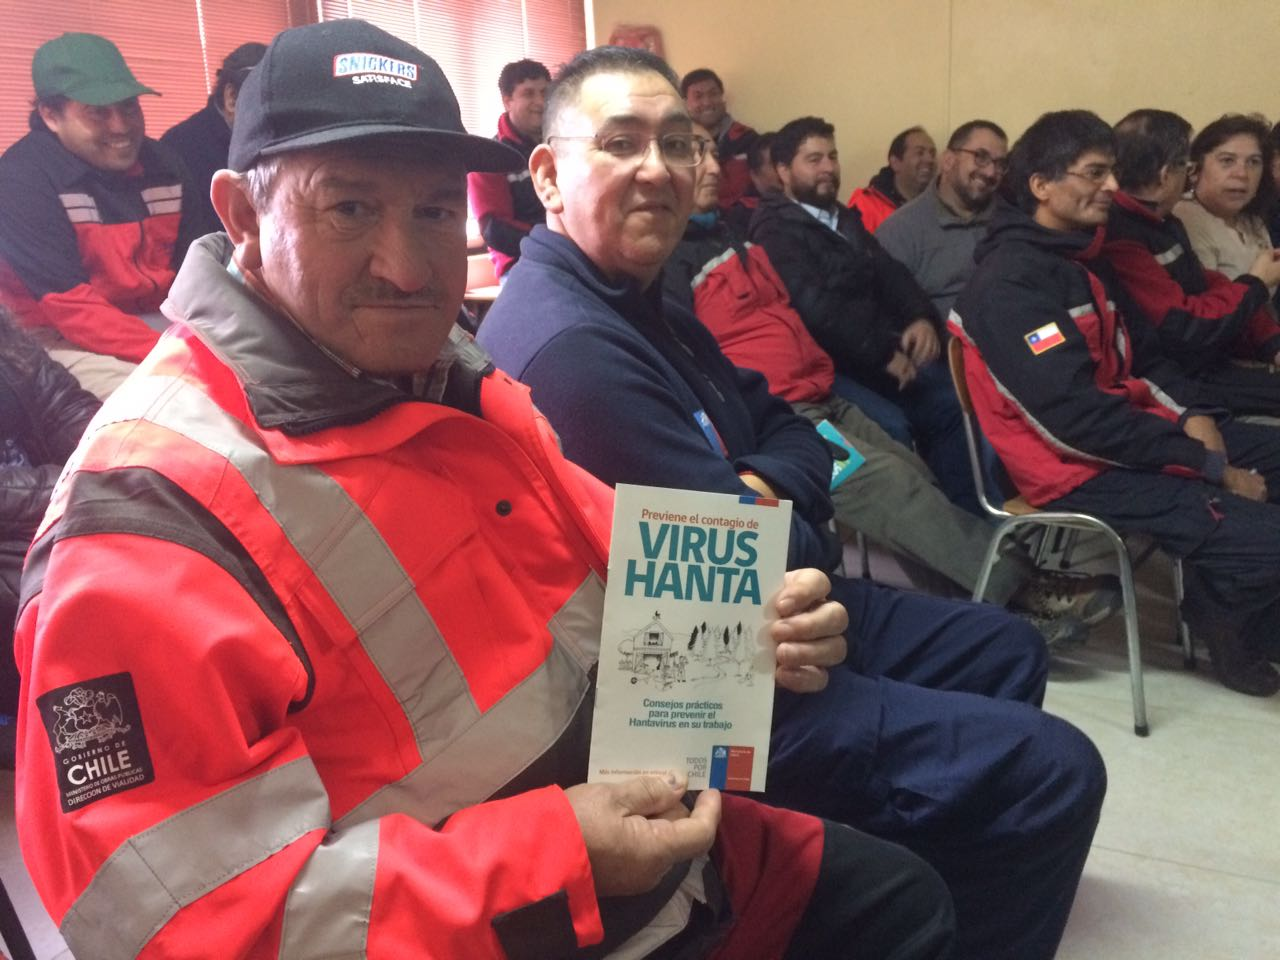 TRABAJADORES DE VIALIDAD RECIBIERON PREVENCION EN HANTA VIRUS